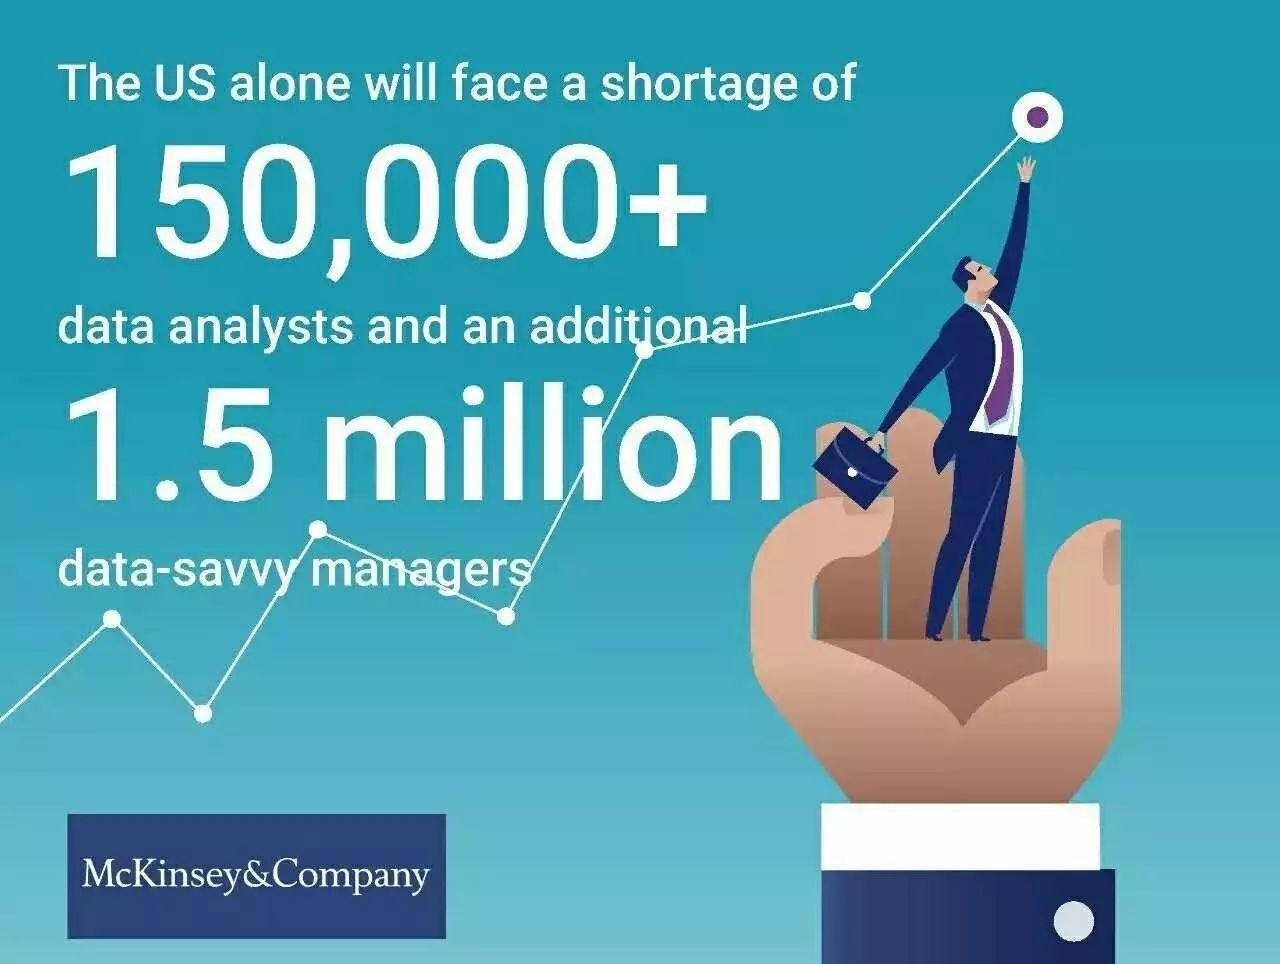 报名即将截止 据说这个领域急缺15万+个职位你居然还说找工作难?